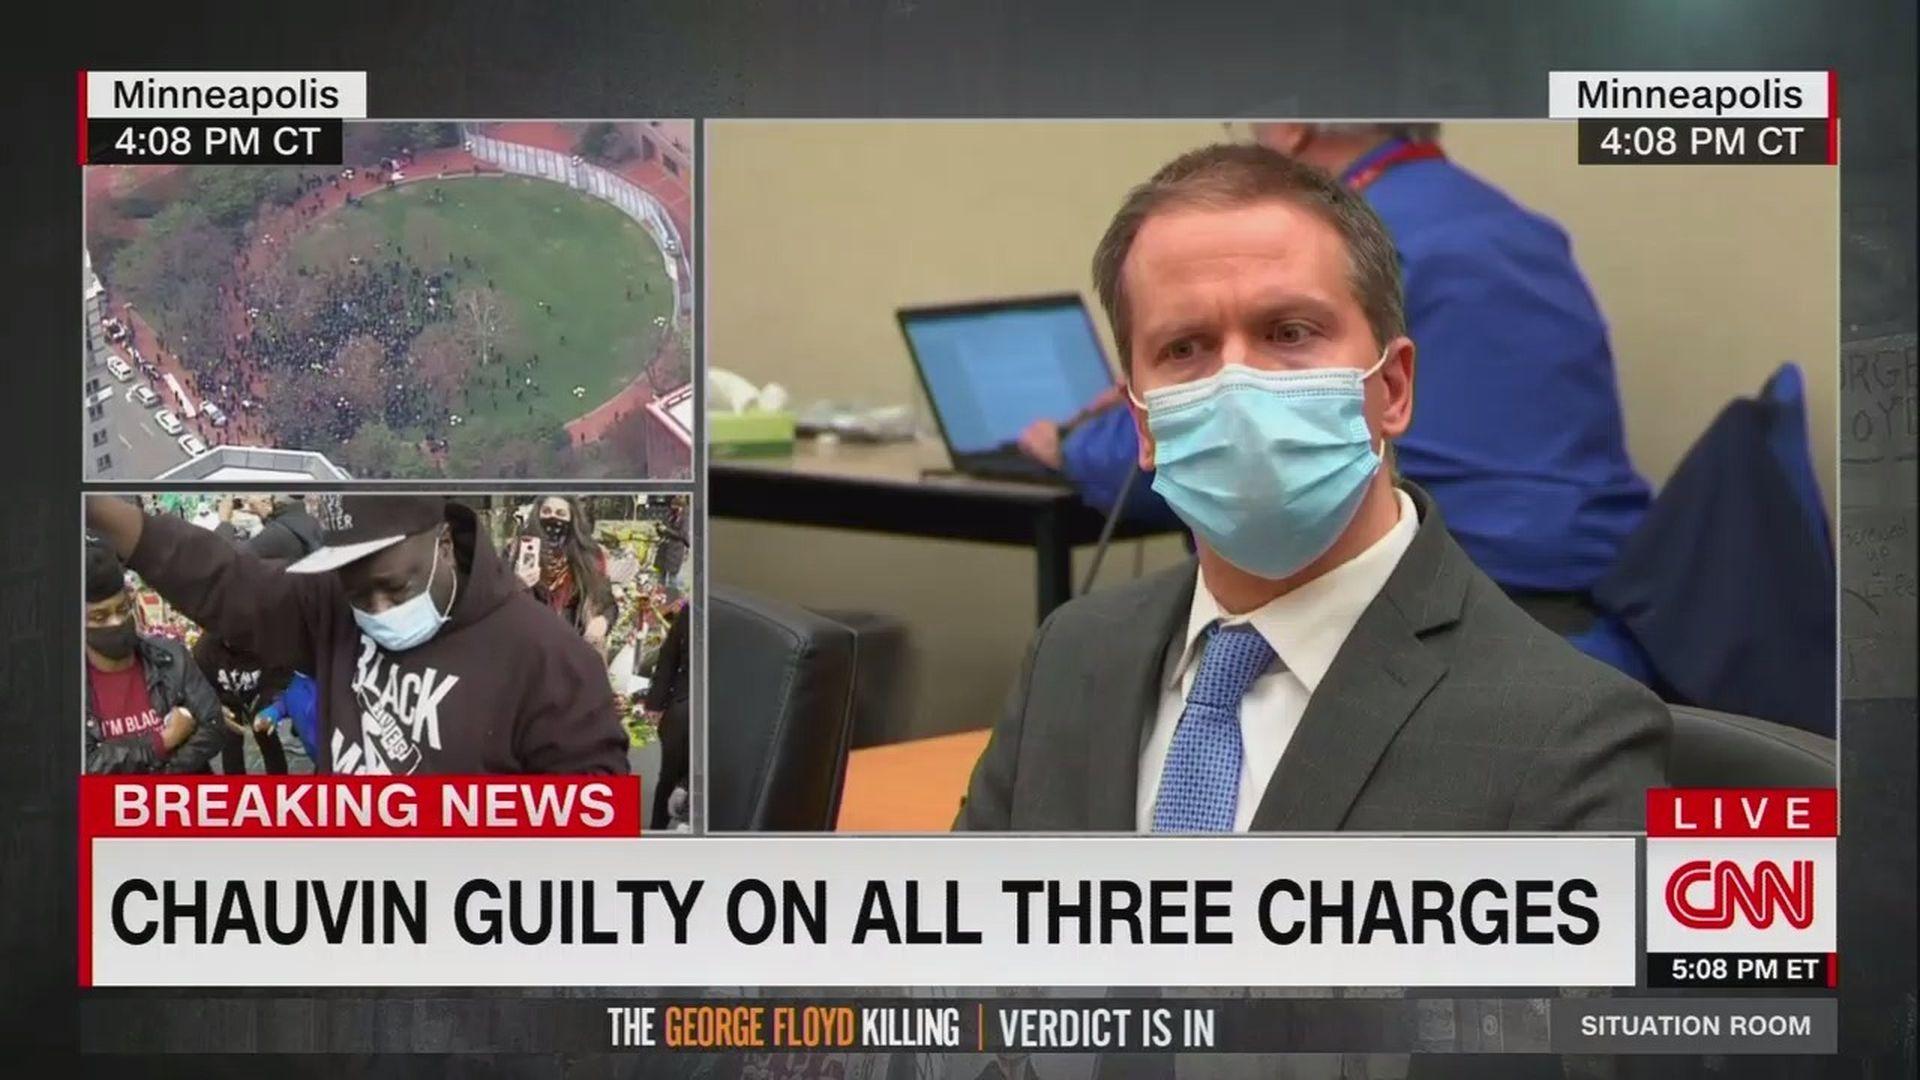 Screenshot of CNN